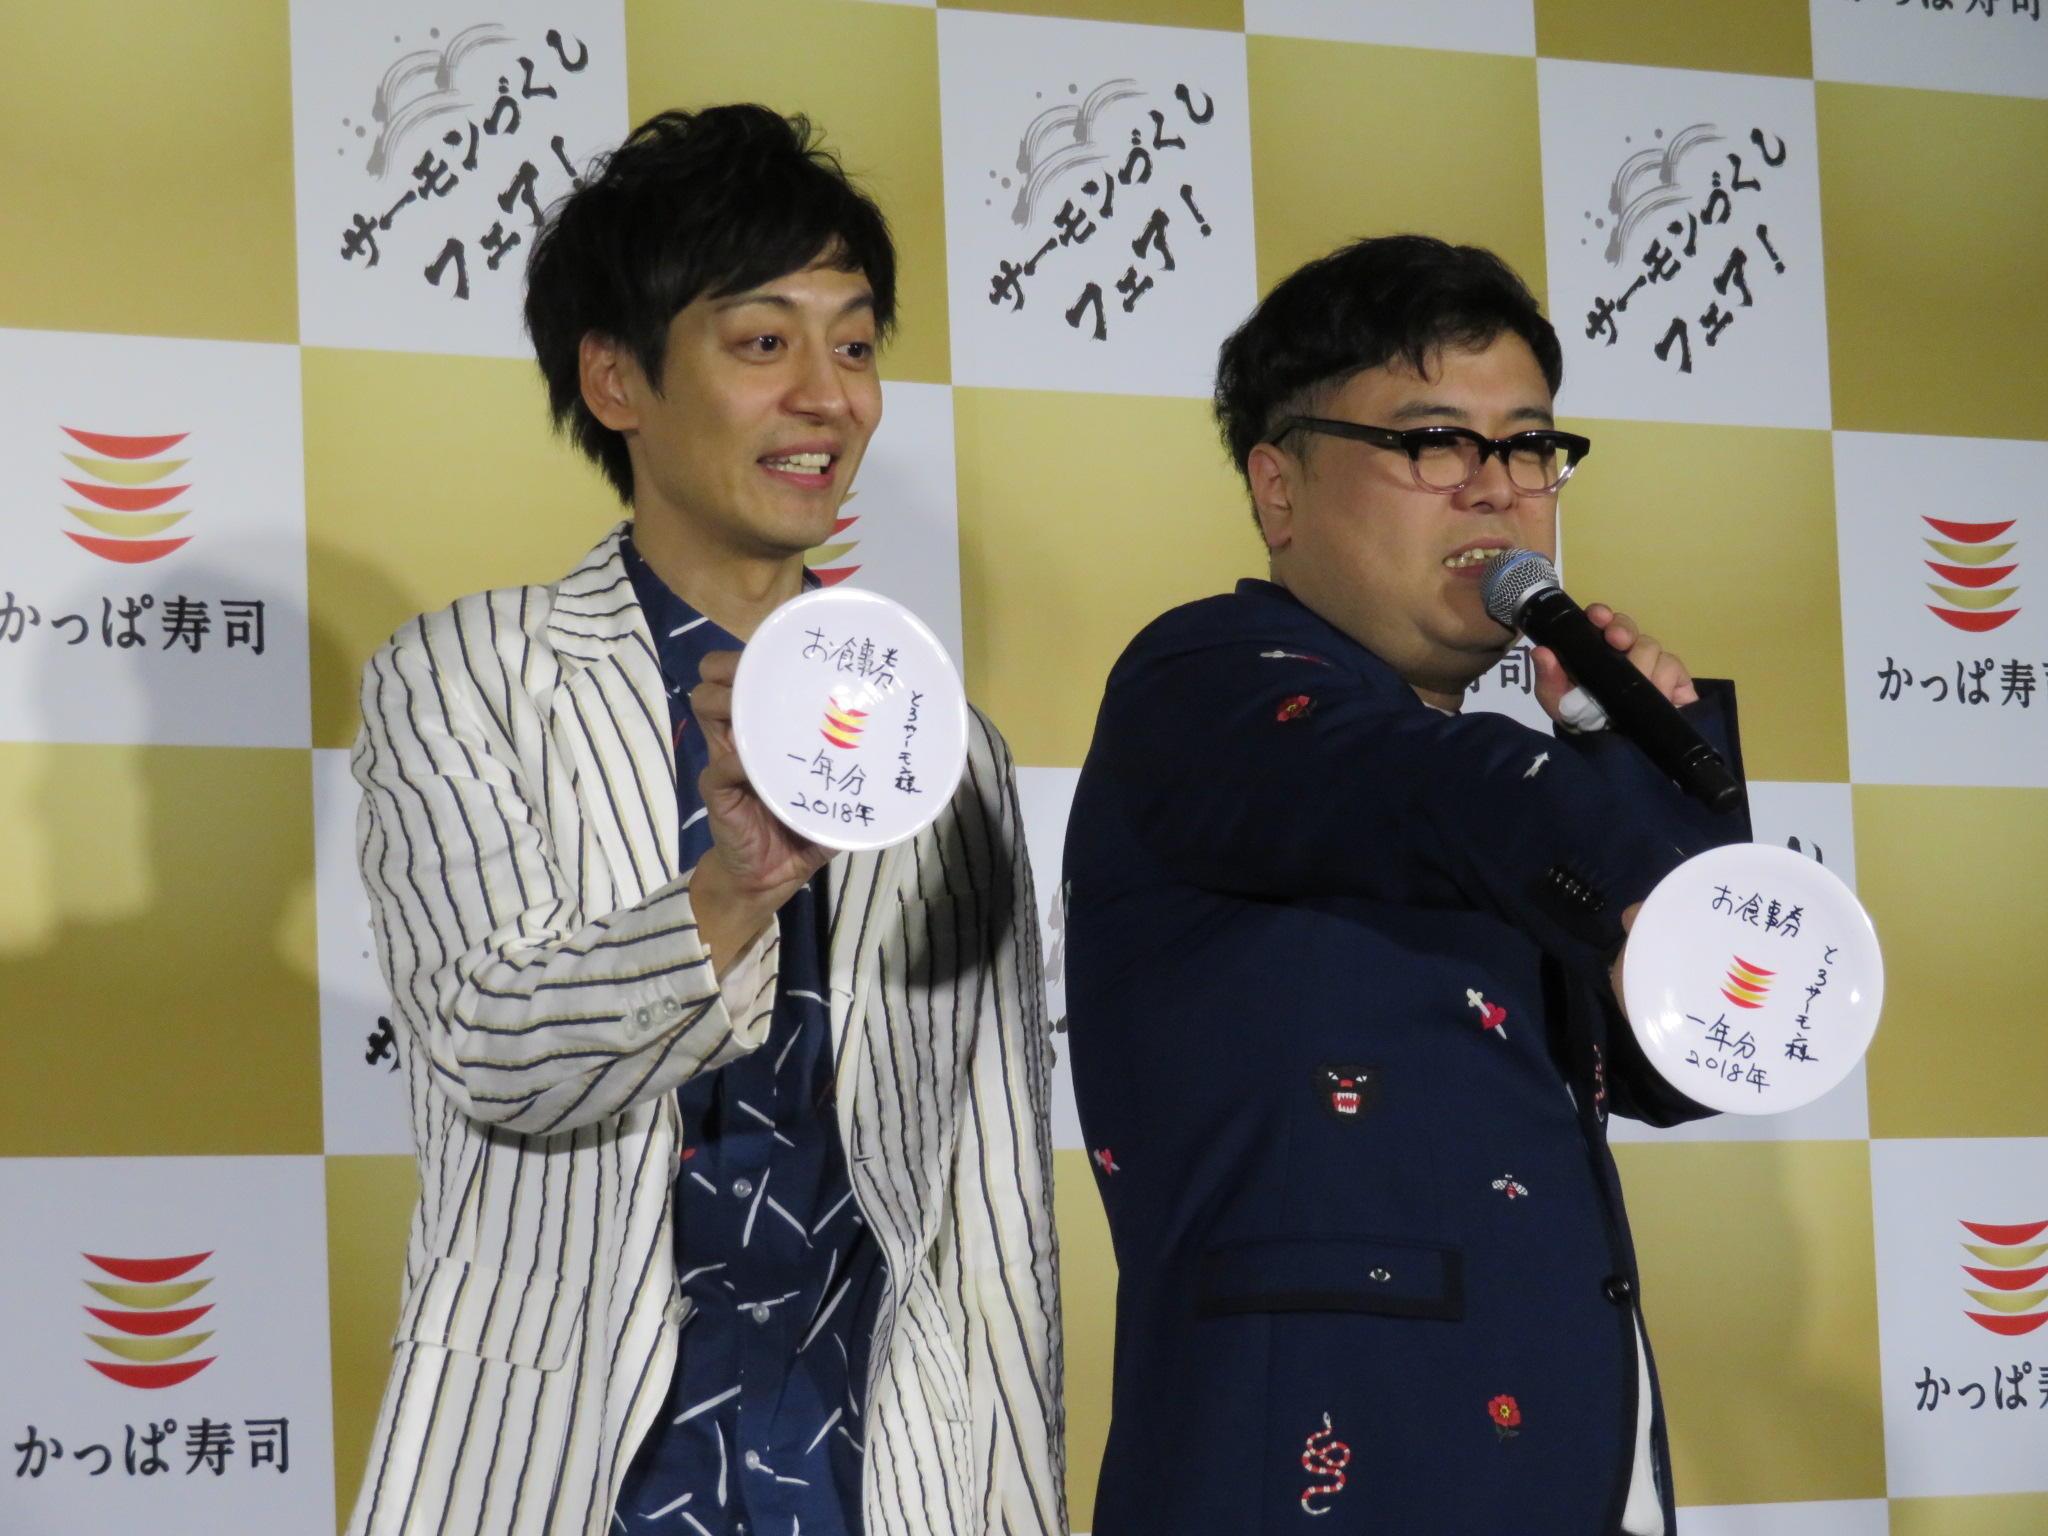 http://news.yoshimoto.co.jp/20180110175621-18e869a23da684bbfaa1ba9cb84a86dea7410fe9.jpg